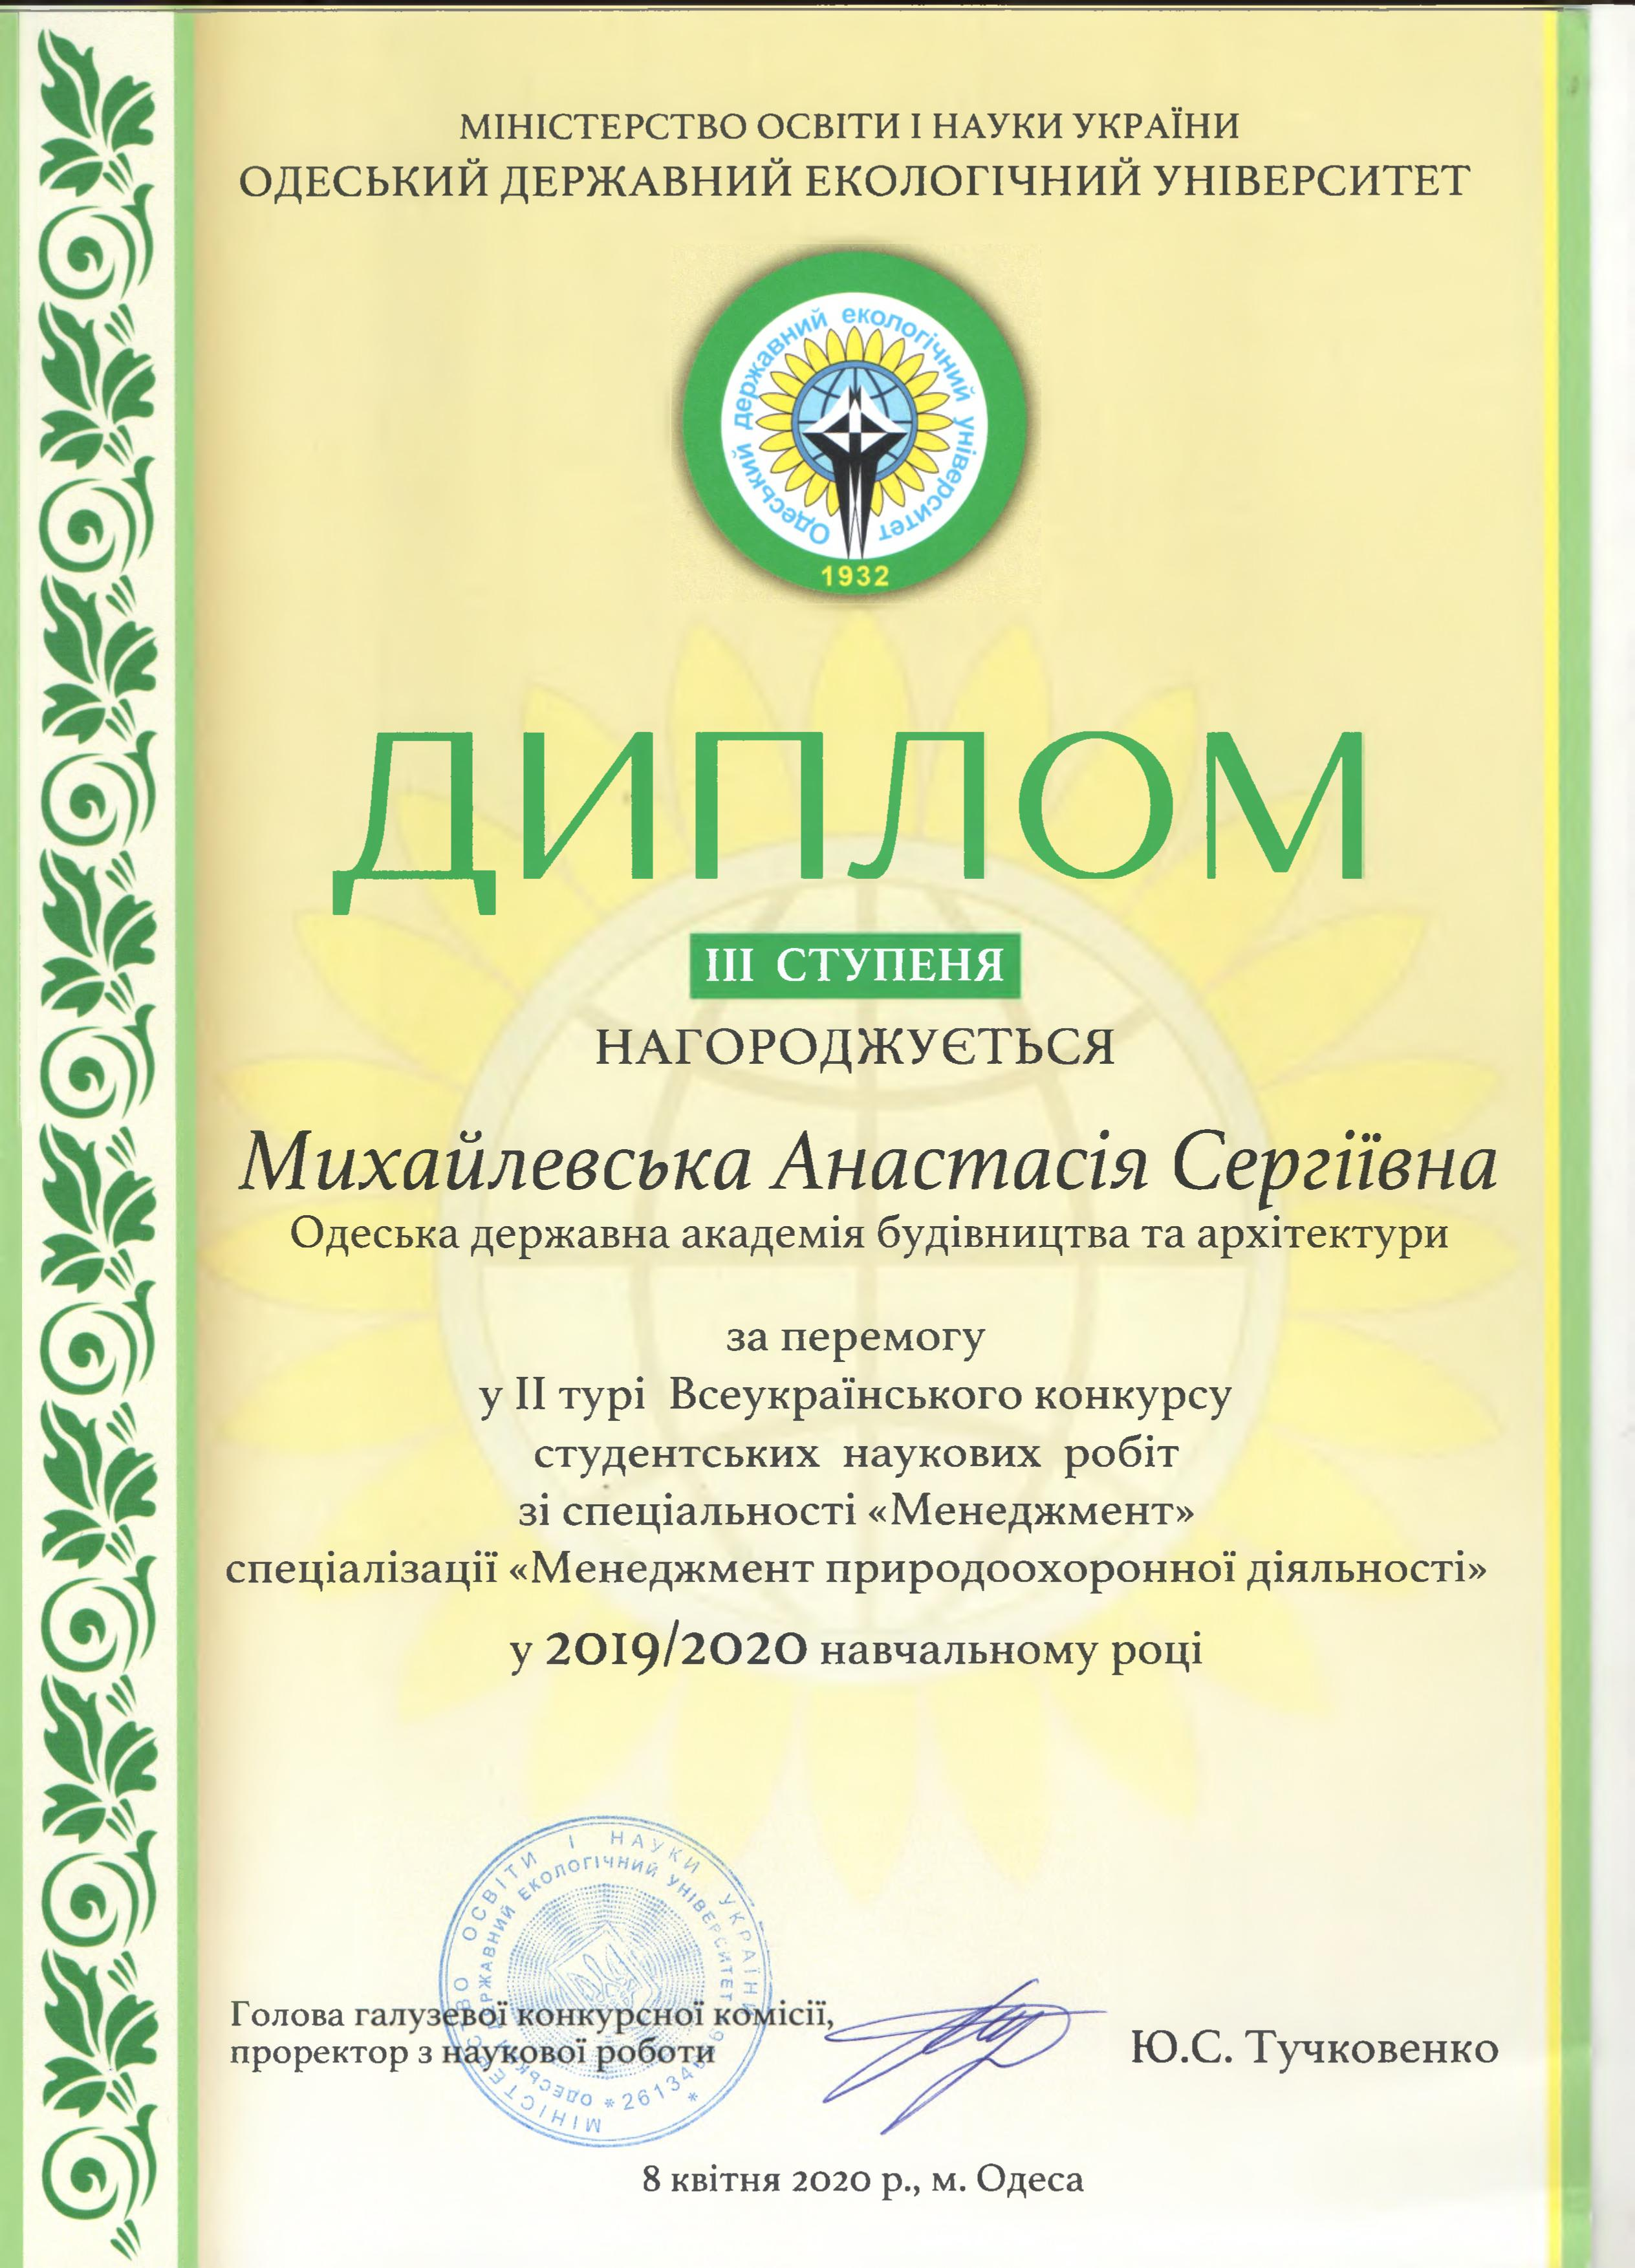 грамота конкурс студентських наукових робіт зі спеціальності Менеджмент Михайлевська